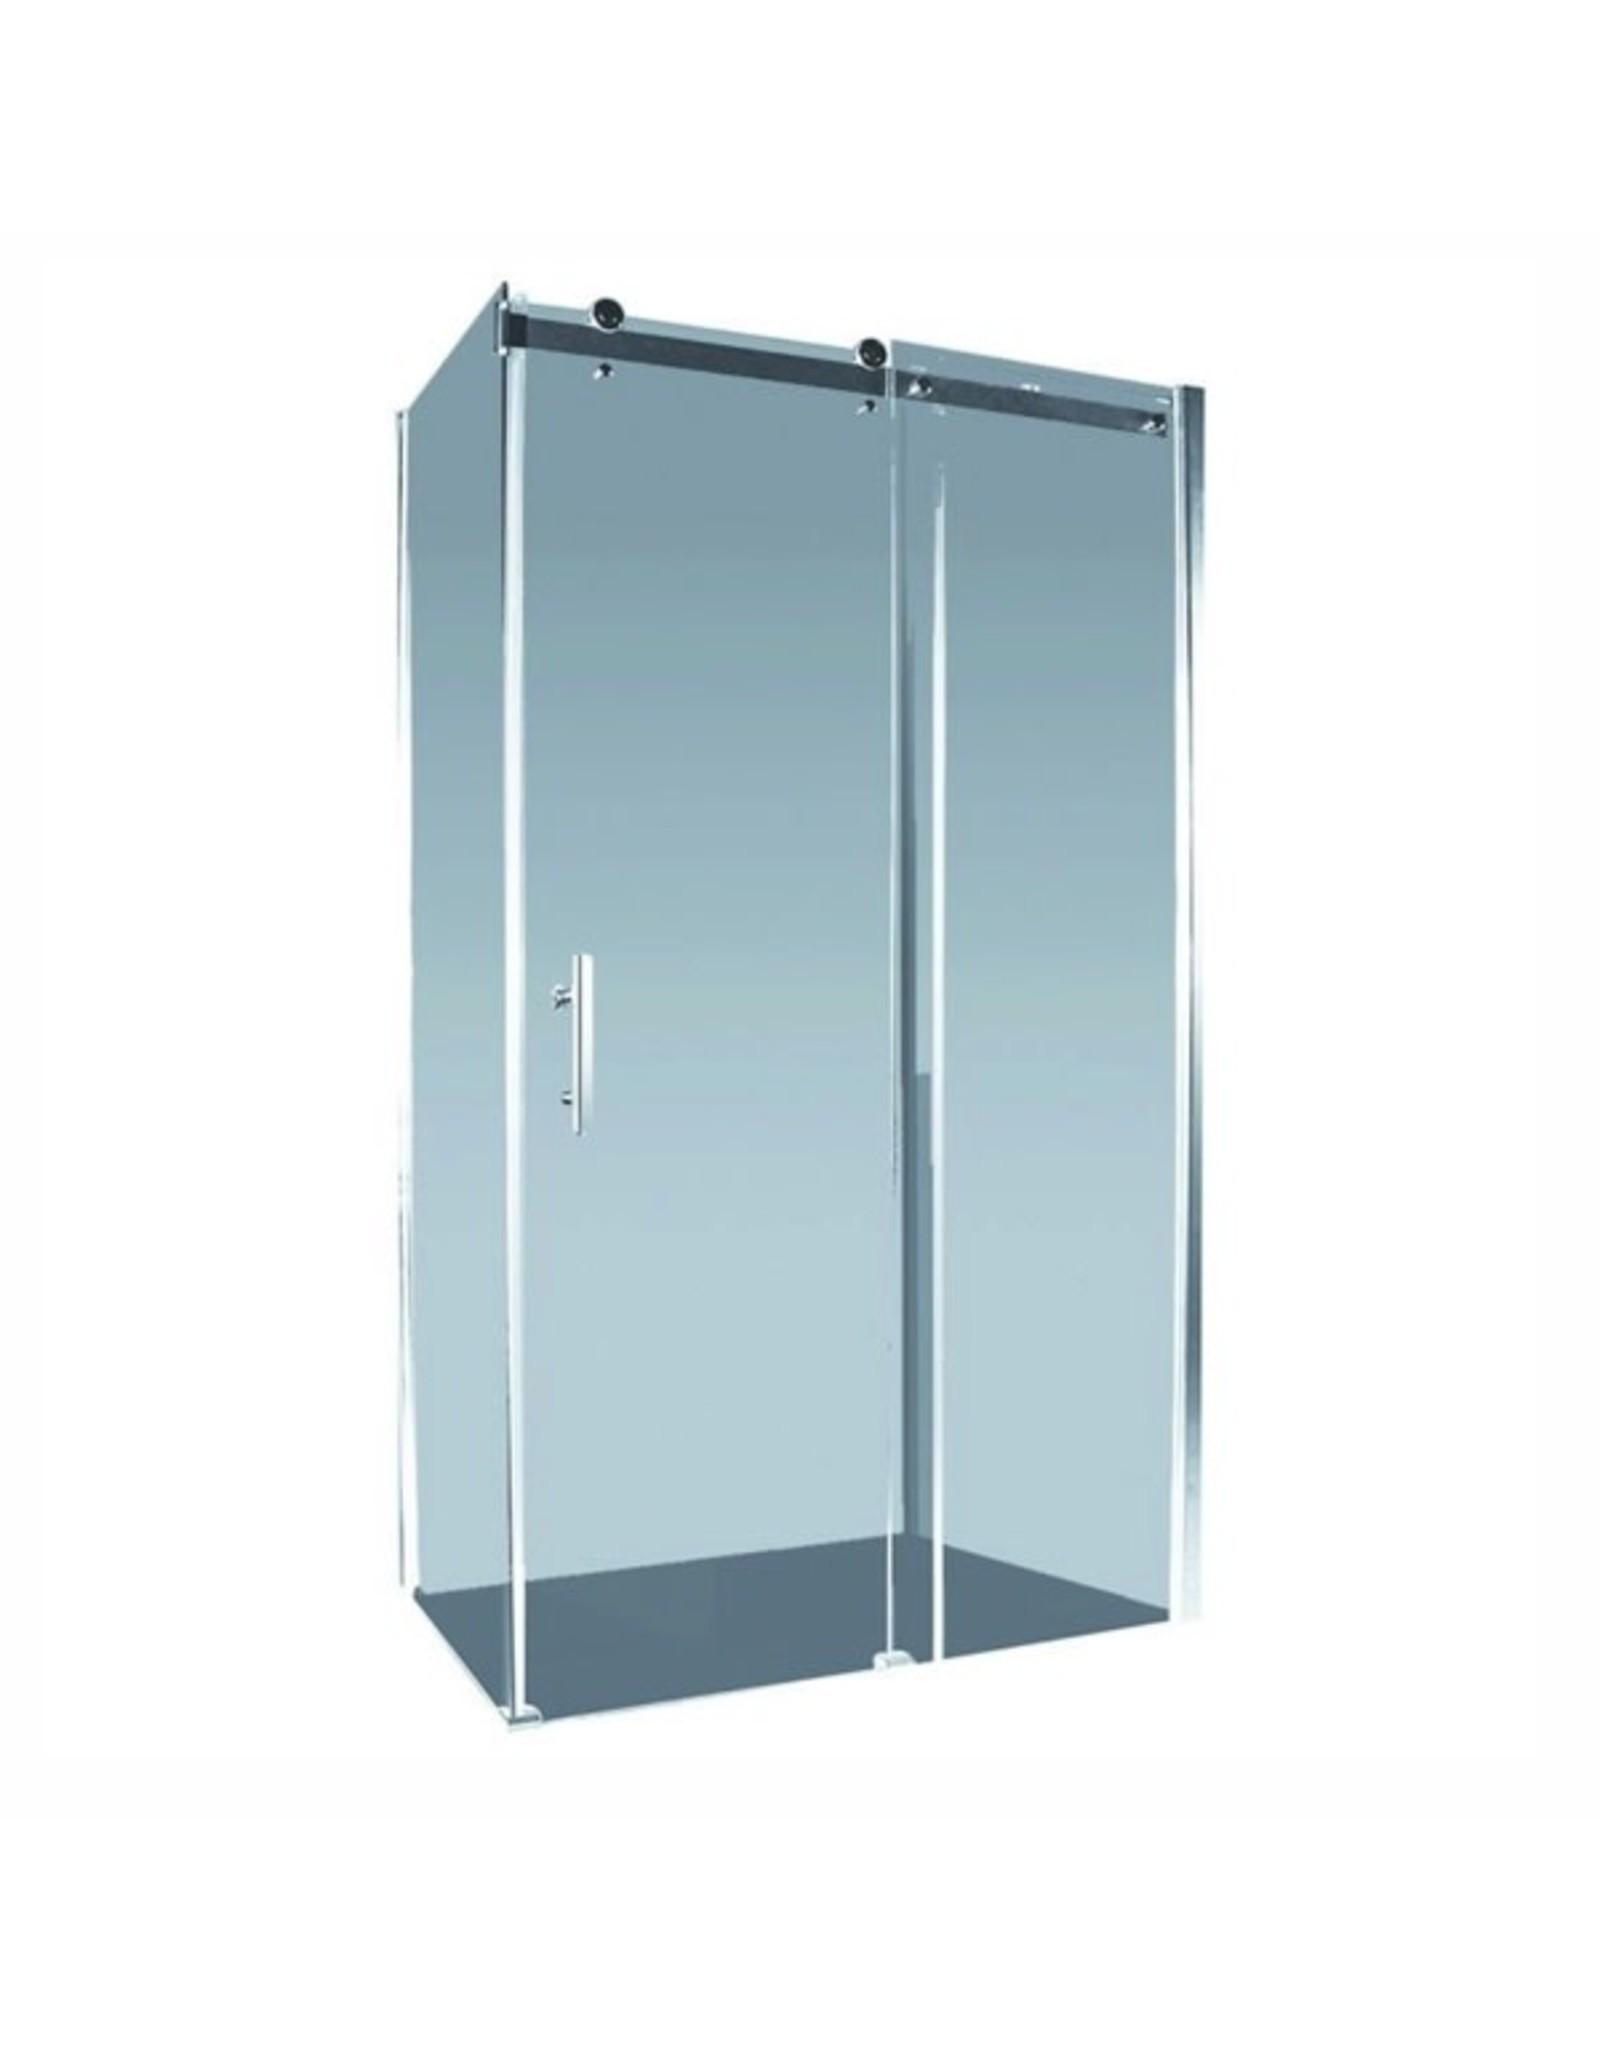 Alpine 1500mm Aspen Shower Screen Sliding Door Section 150cm, (Adjustement 1465-1485mm) Return Panel Not Included